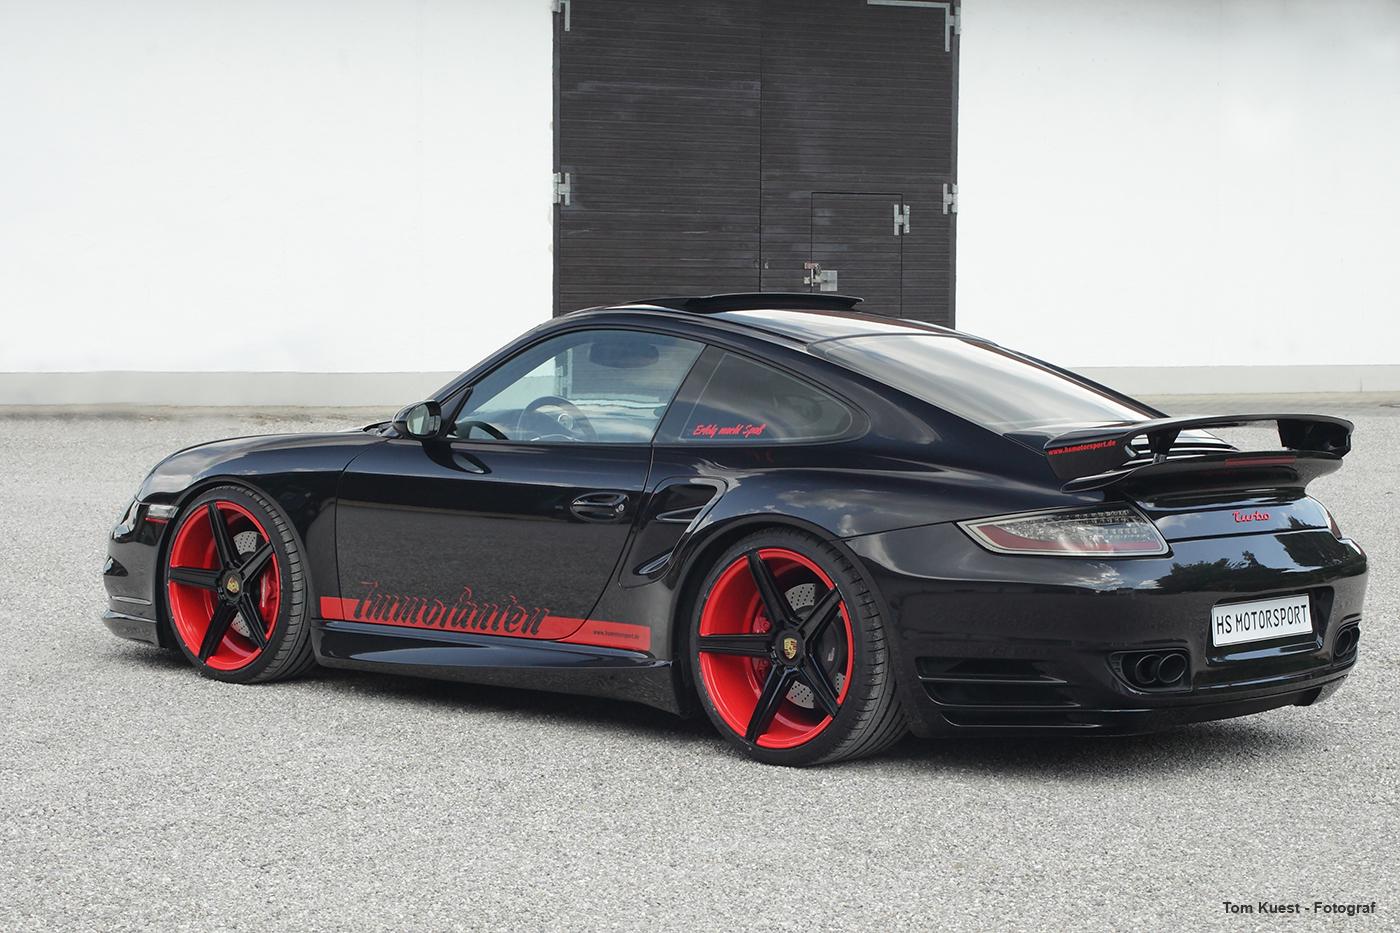 Commercial - Porsche - HS Motorsport - Immofanten